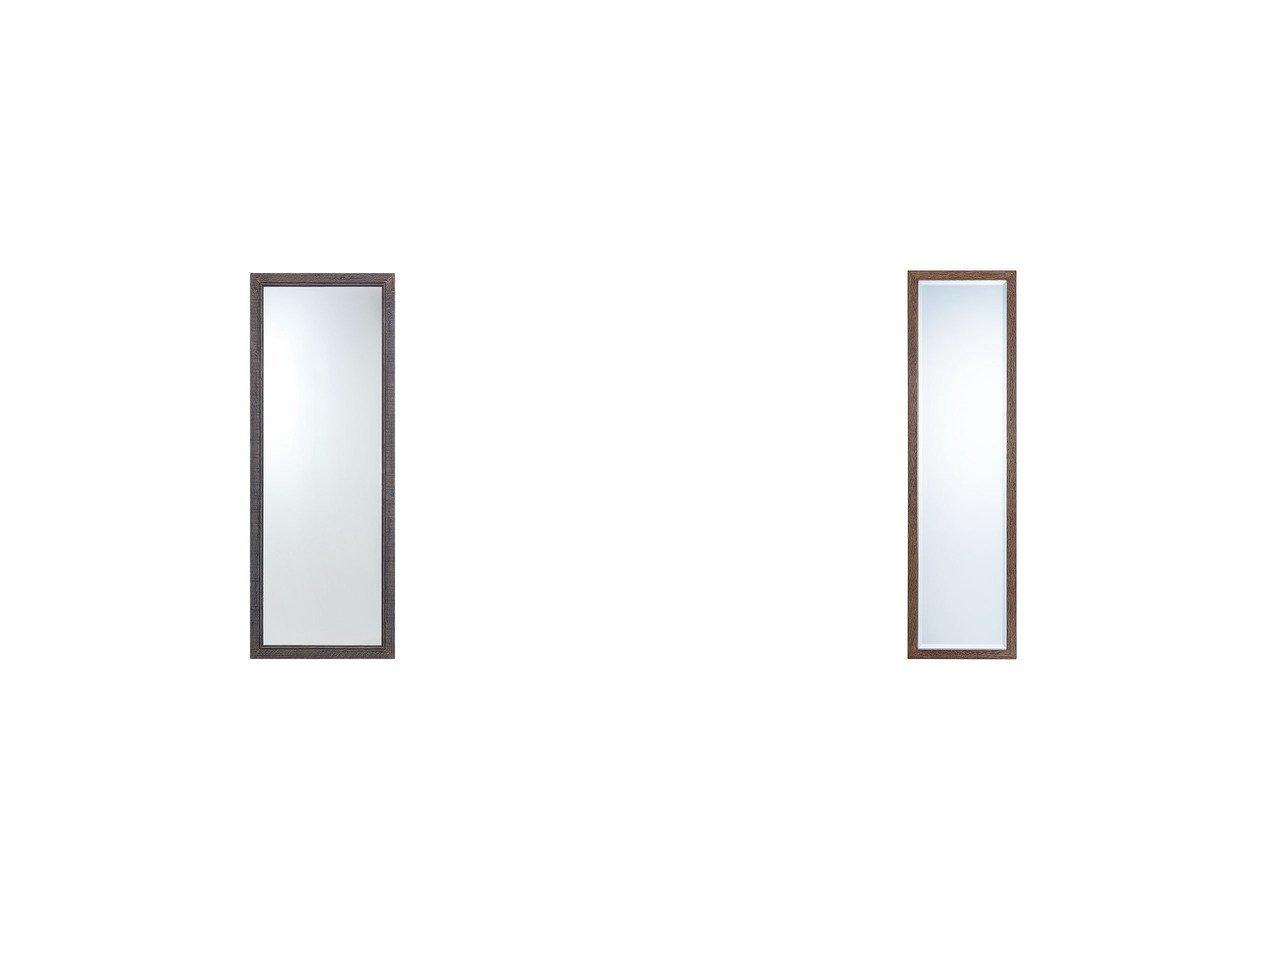 【FLYMEe vert/フライミー ヴェール】のウォールミラー m77307&ウォールミラー m77315 【FURNITURE】おすすめ!人気、インテリア雑貨・家具の通販 おすすめで人気の流行・トレンド、ファッションの通販商品 インテリア・家具・メンズファッション・キッズファッション・レディースファッション・服の通販 founy(ファニー) https://founy.com/ 送料無料 Free Shipping ウッド シンプル スタンド フレーム ダメージ ヴィンテージ ホーム・キャンプ・アウトドア Home,Garden,Outdoor,Camping Gear 家具・インテリア Furniture ミラー・ドレッサー Mirror ミラー・鏡 ホーム・キャンプ・アウトドア Home,Garden,Outdoor,Camping Gear 家具・インテリア Furniture ミラー・ドレッサー Mirror ドレッサー  ID:crp329100000055504